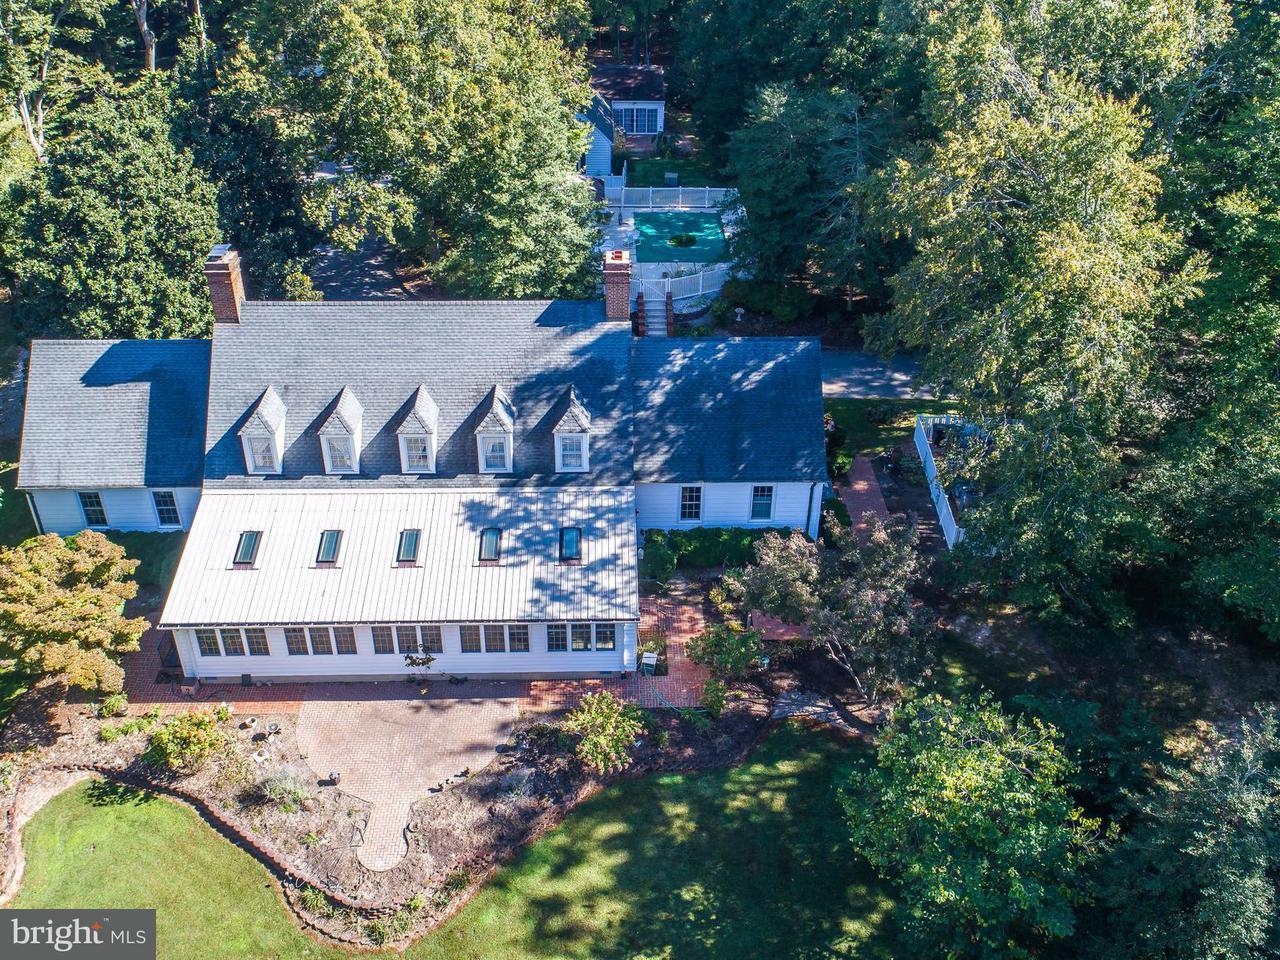 Частный односемейный дом для того Продажа на 8290 CHAPEL POINT Road 8290 CHAPEL POINT Road Port Tobacco, Мэриленд 20677 Соединенные Штаты